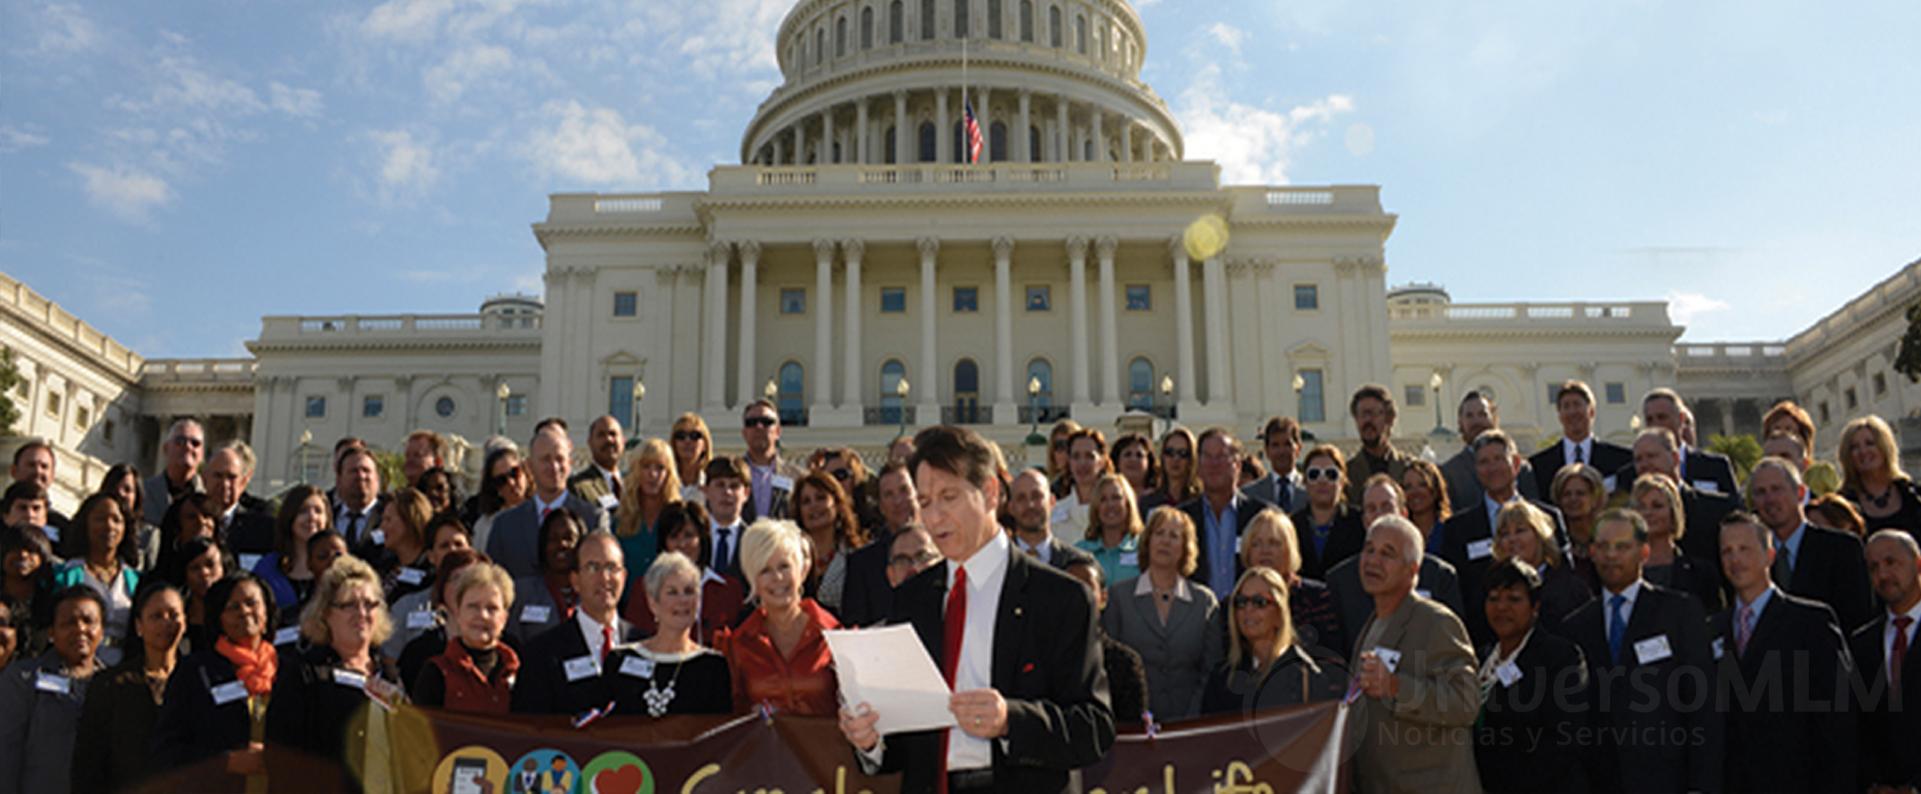 Los miembros de la DSA a las puertas del Congreso de los EE.UU.